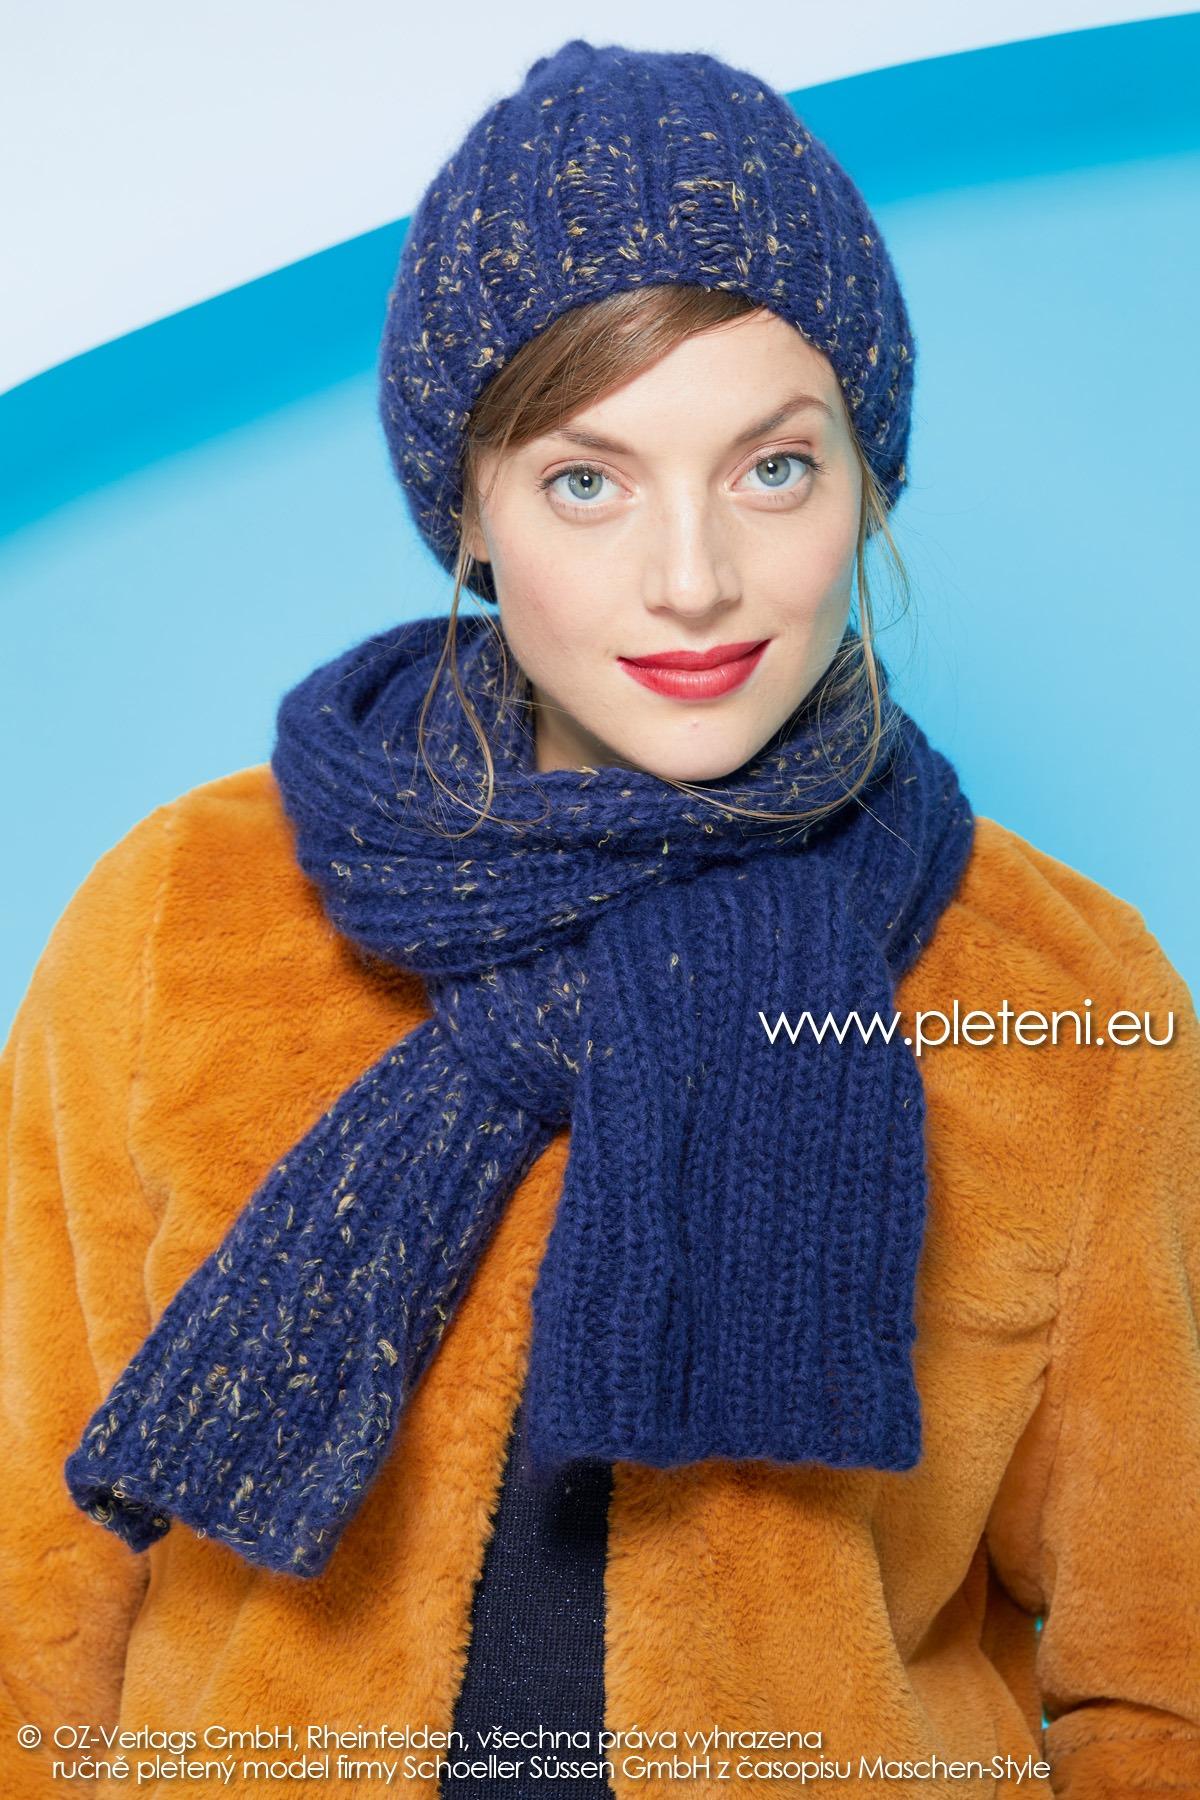 2019-Z-08-09 pletená dámská šála a čepice z příze Raindrops Degradé značky Austermann